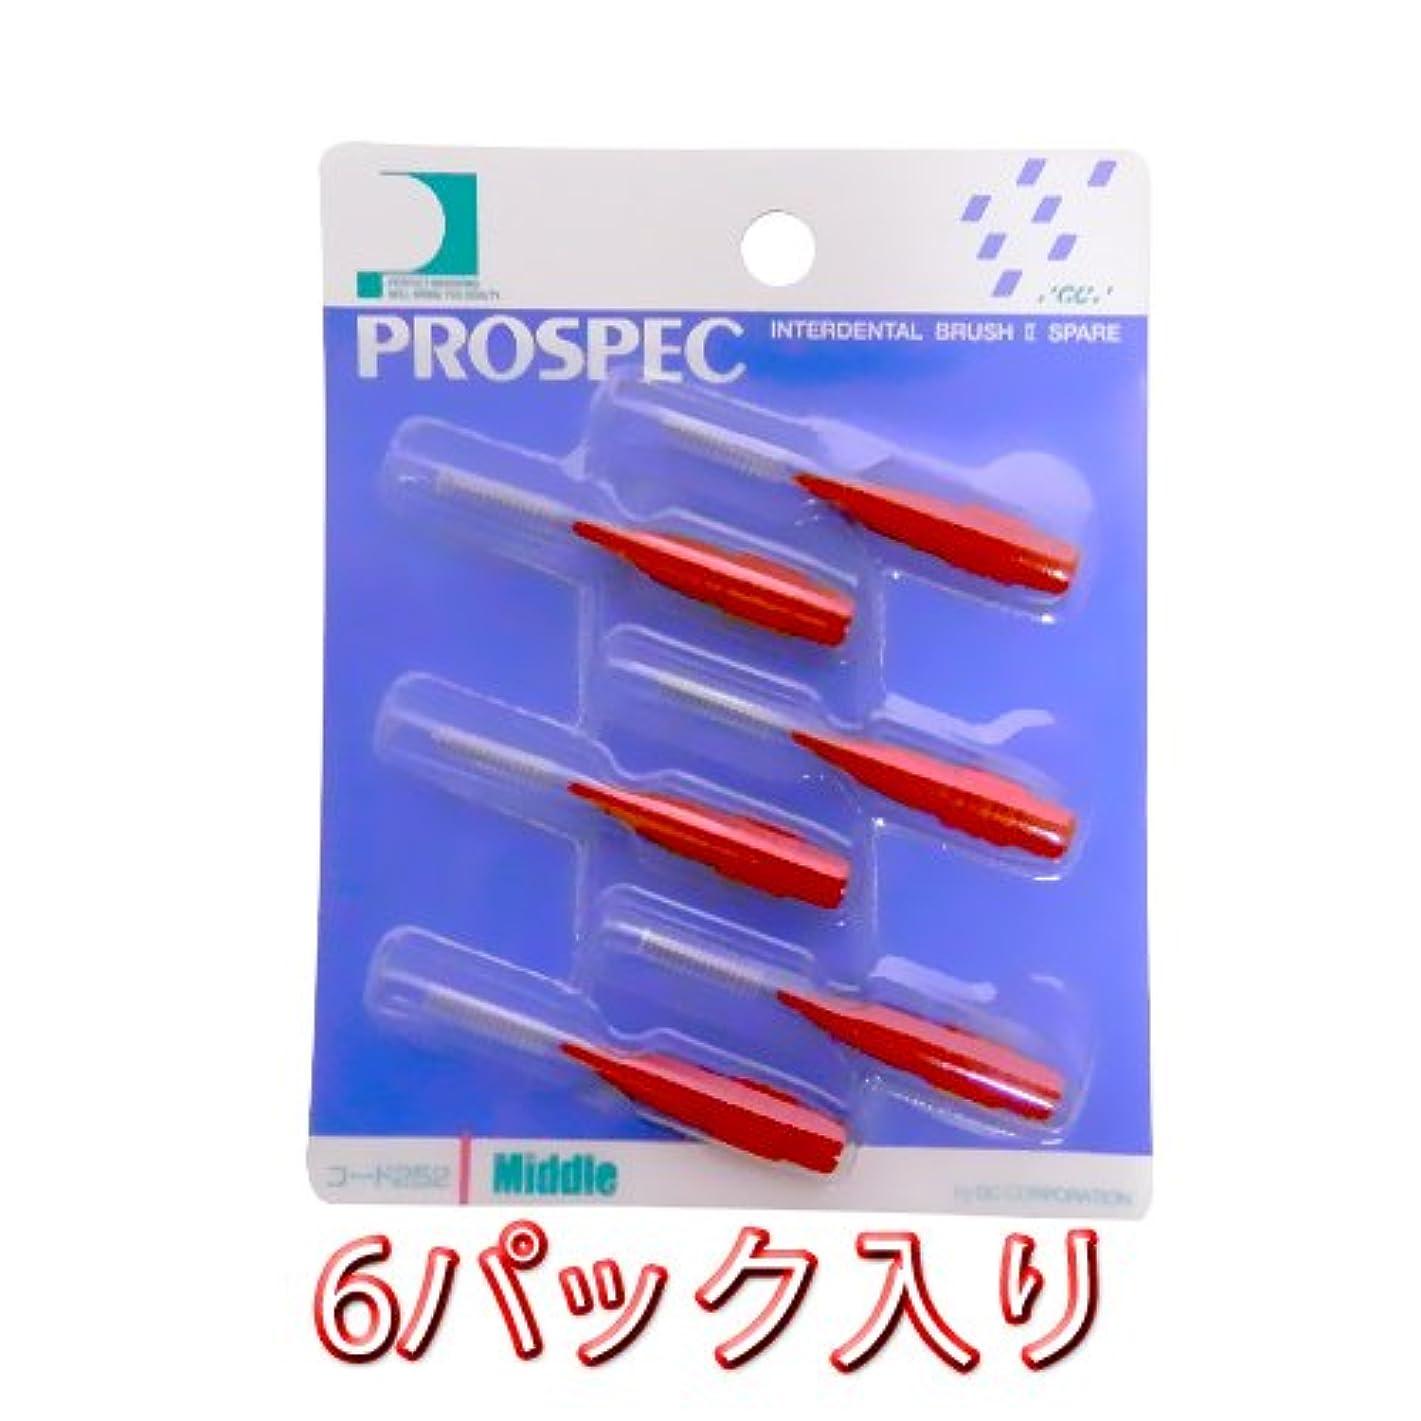 に向けて出発知性カロリープロスペック 歯間ブラシ2 スペアー ブラシのみ6本入 × 6パック M レッド